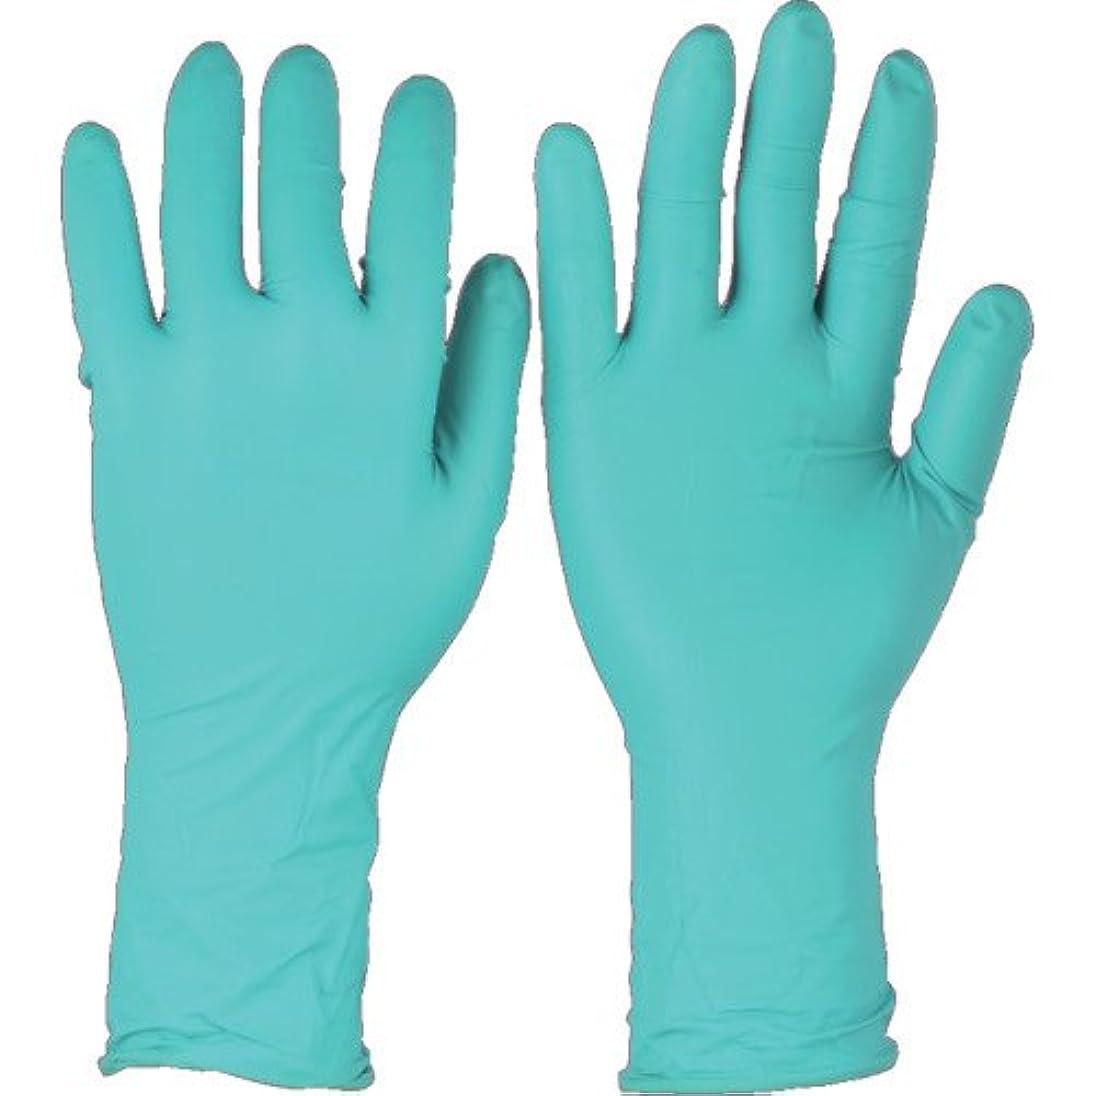 全員不要思い出すアンセル ネオプレンゴム使い捨て手袋 マイクロフレックスXXLサイ 50枚入 93260-11